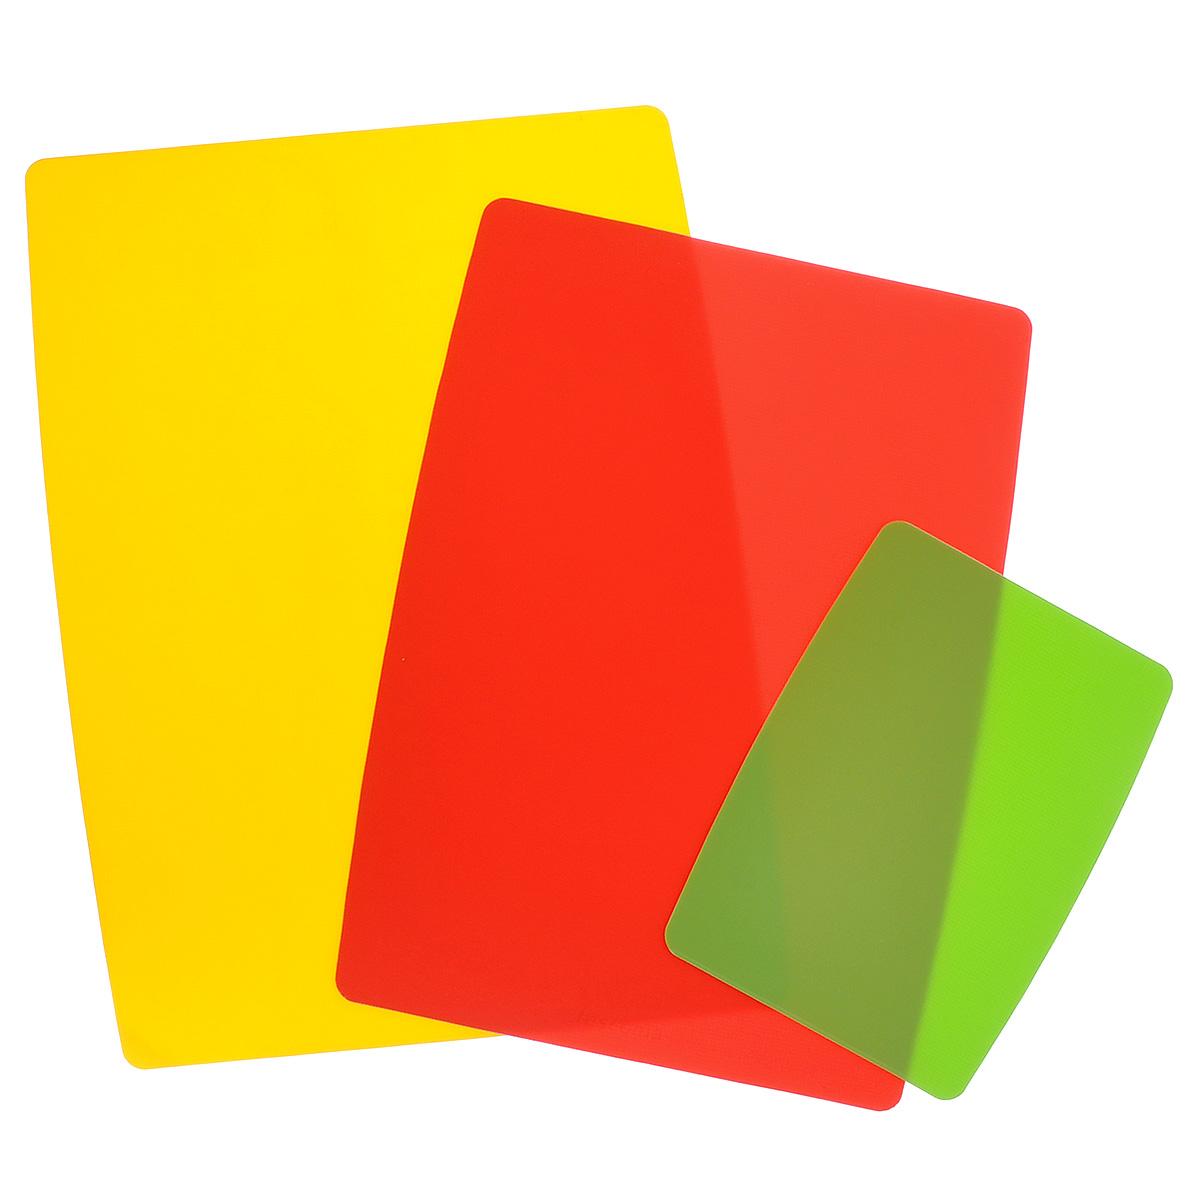 Доски разделочные Tescoma Presto, гибкие, цвет: желтый, красный, салатовый, 3 шт йес пилочка для ногтей 18см в блистере арт 95857